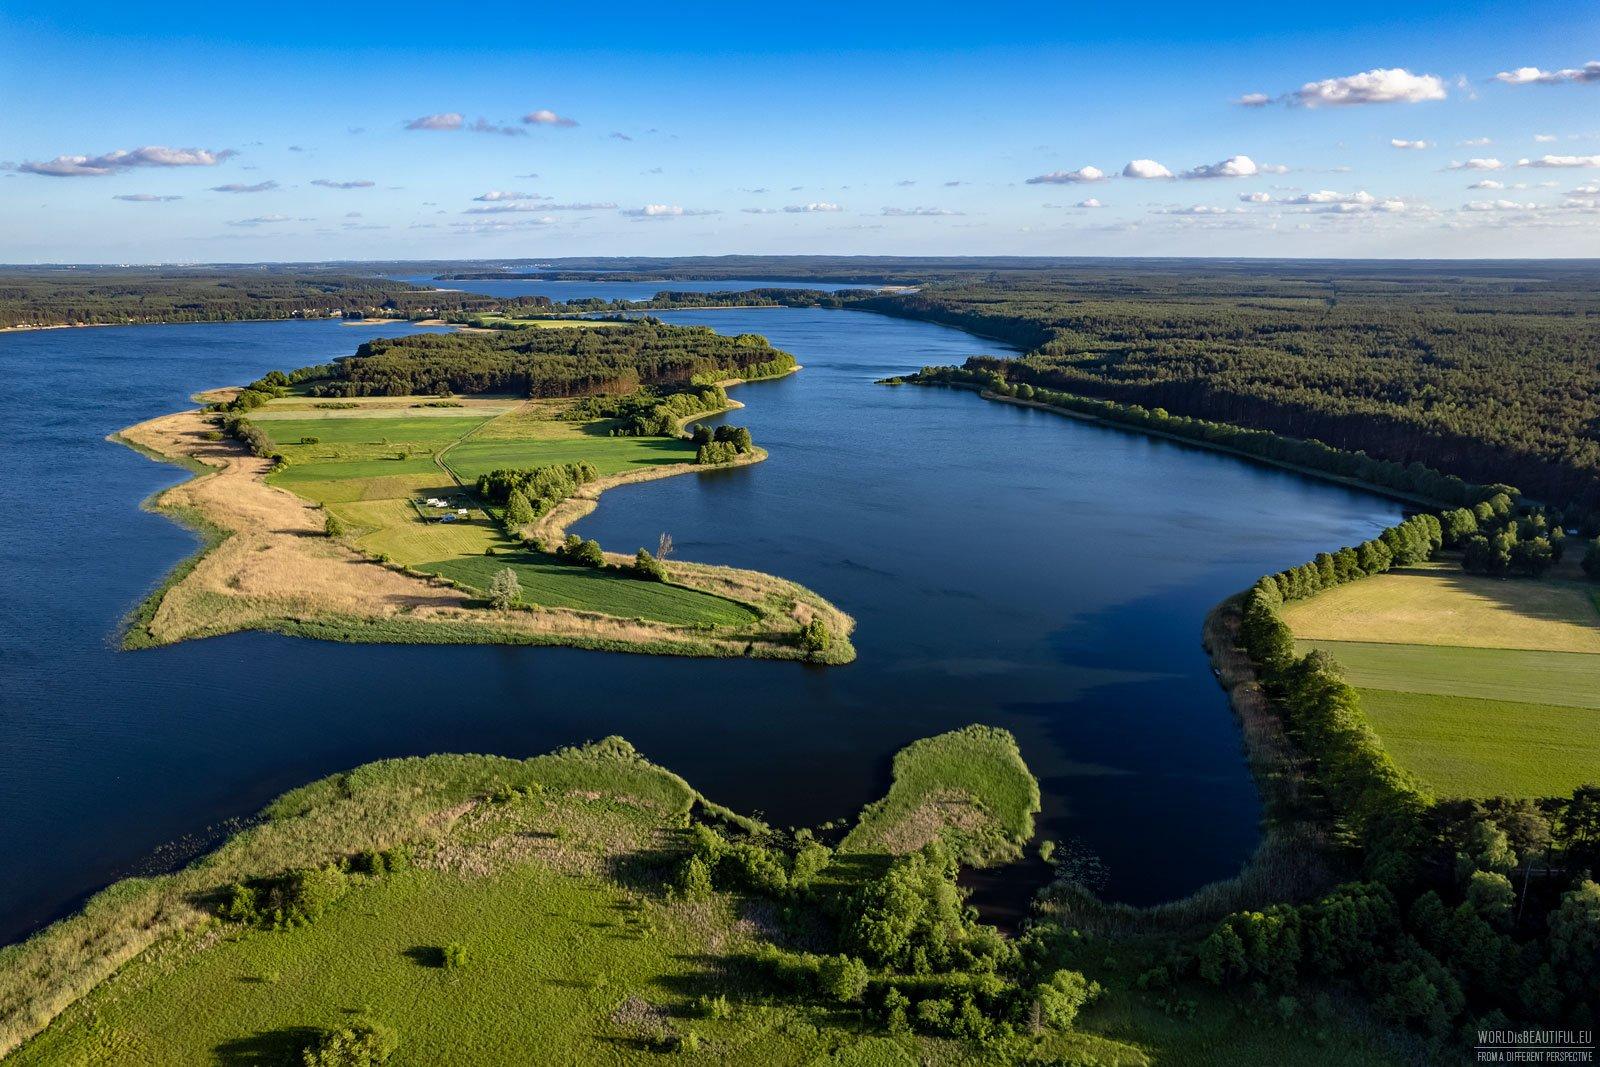 Zaborski Landscape Park